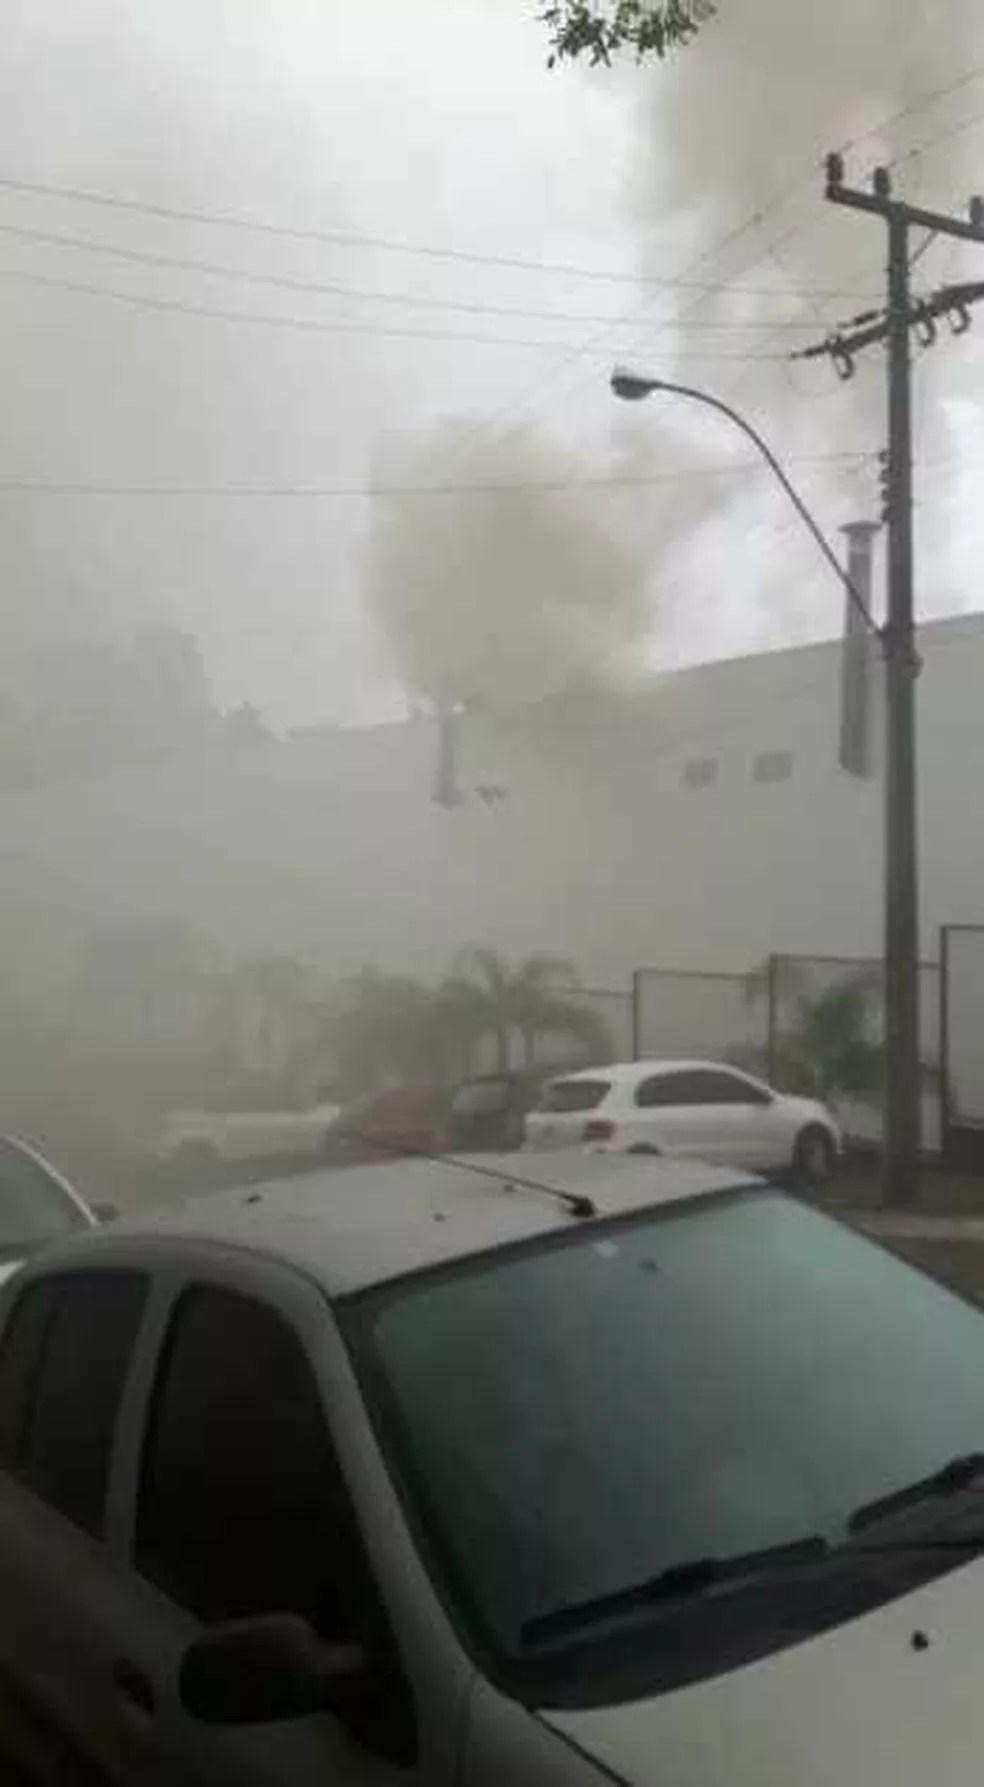 Fumaça pode ser vista pelo lado de fora do shopping (Foto: Beatriz Mendes/Arquivo pessoal)